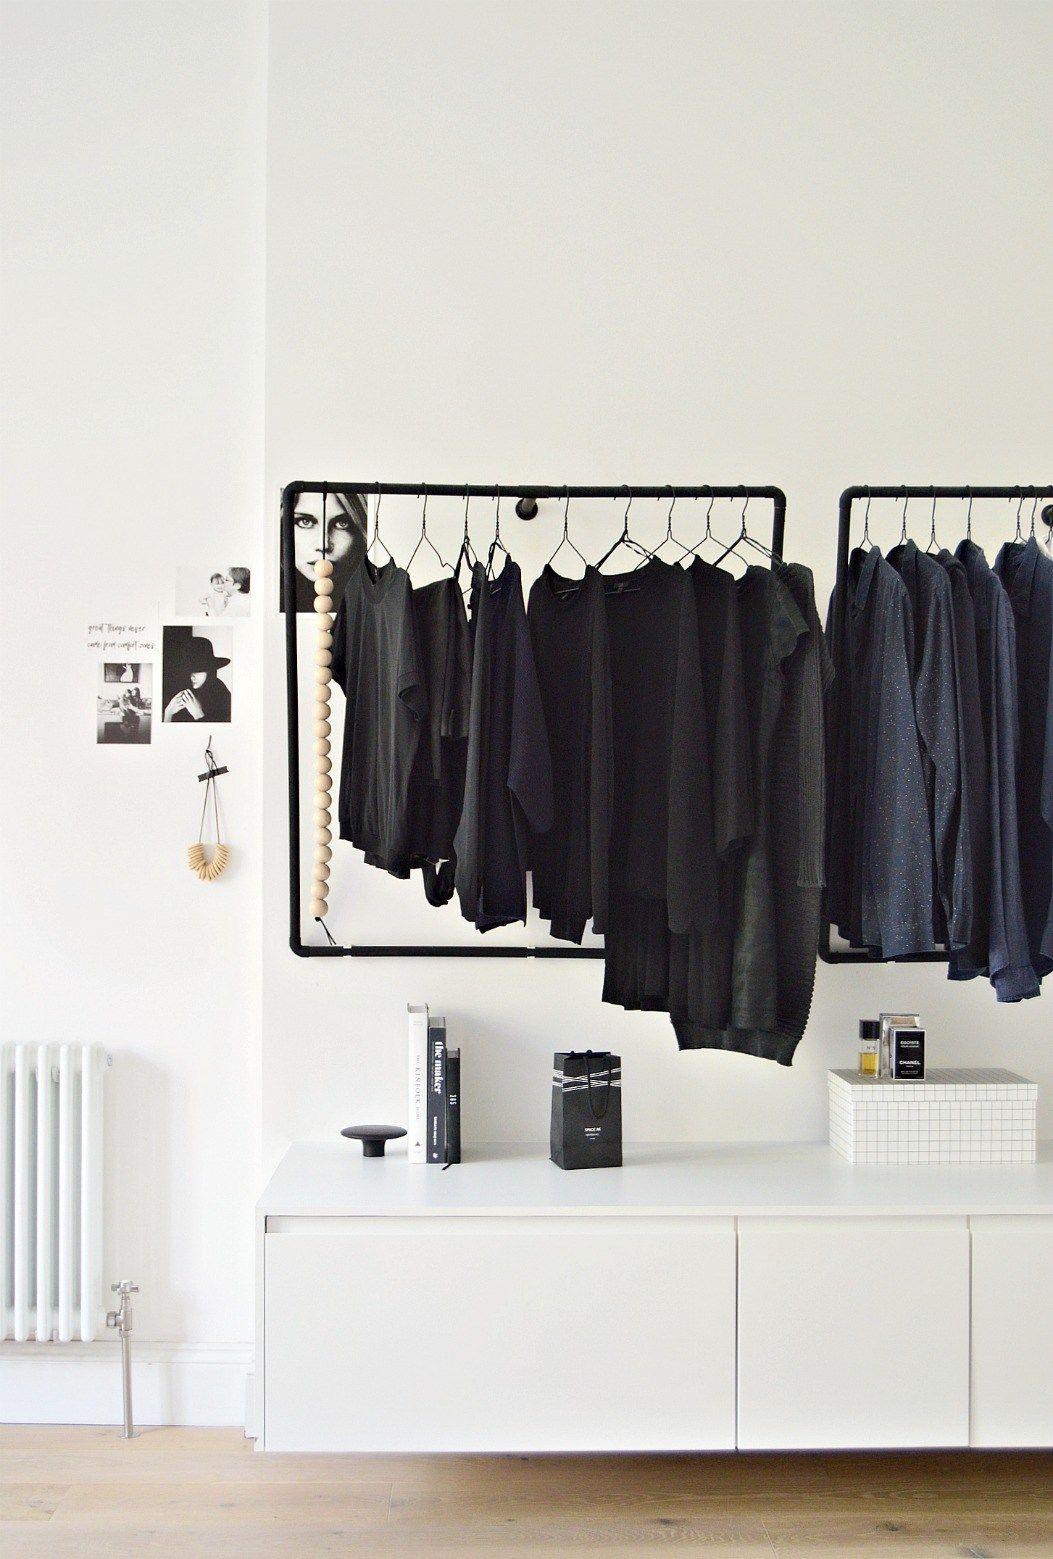 A Minimal Open Wardrobe Diy For Your Bedroom Open Wardrobe Diy